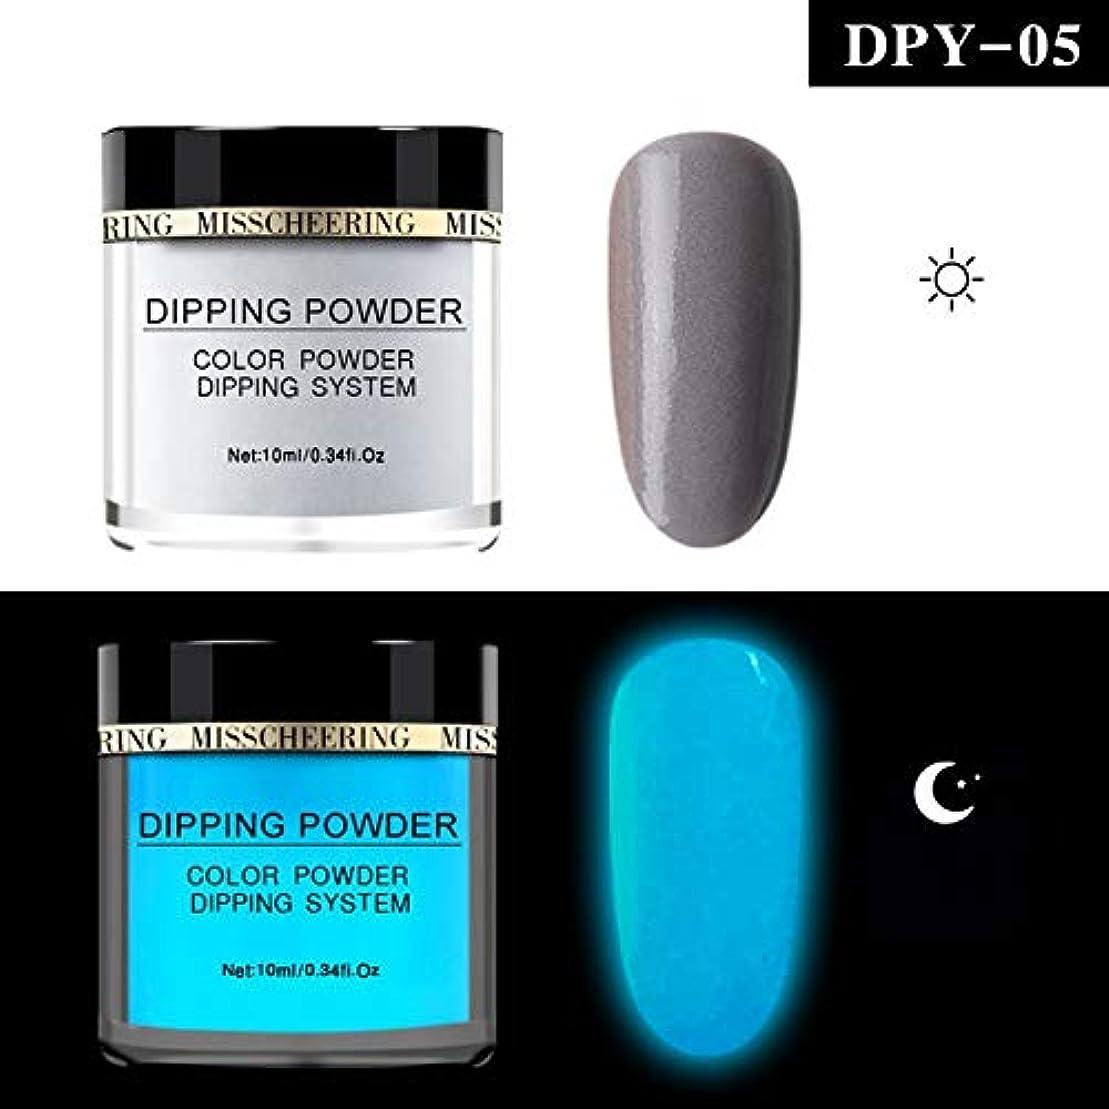 テンポ航空会社オーケストラ10ml Luminous Nail Powder Fluorescent Art Pigment Dipping Glitter Decoration Natural Dry NO Lamp Cure Long Last